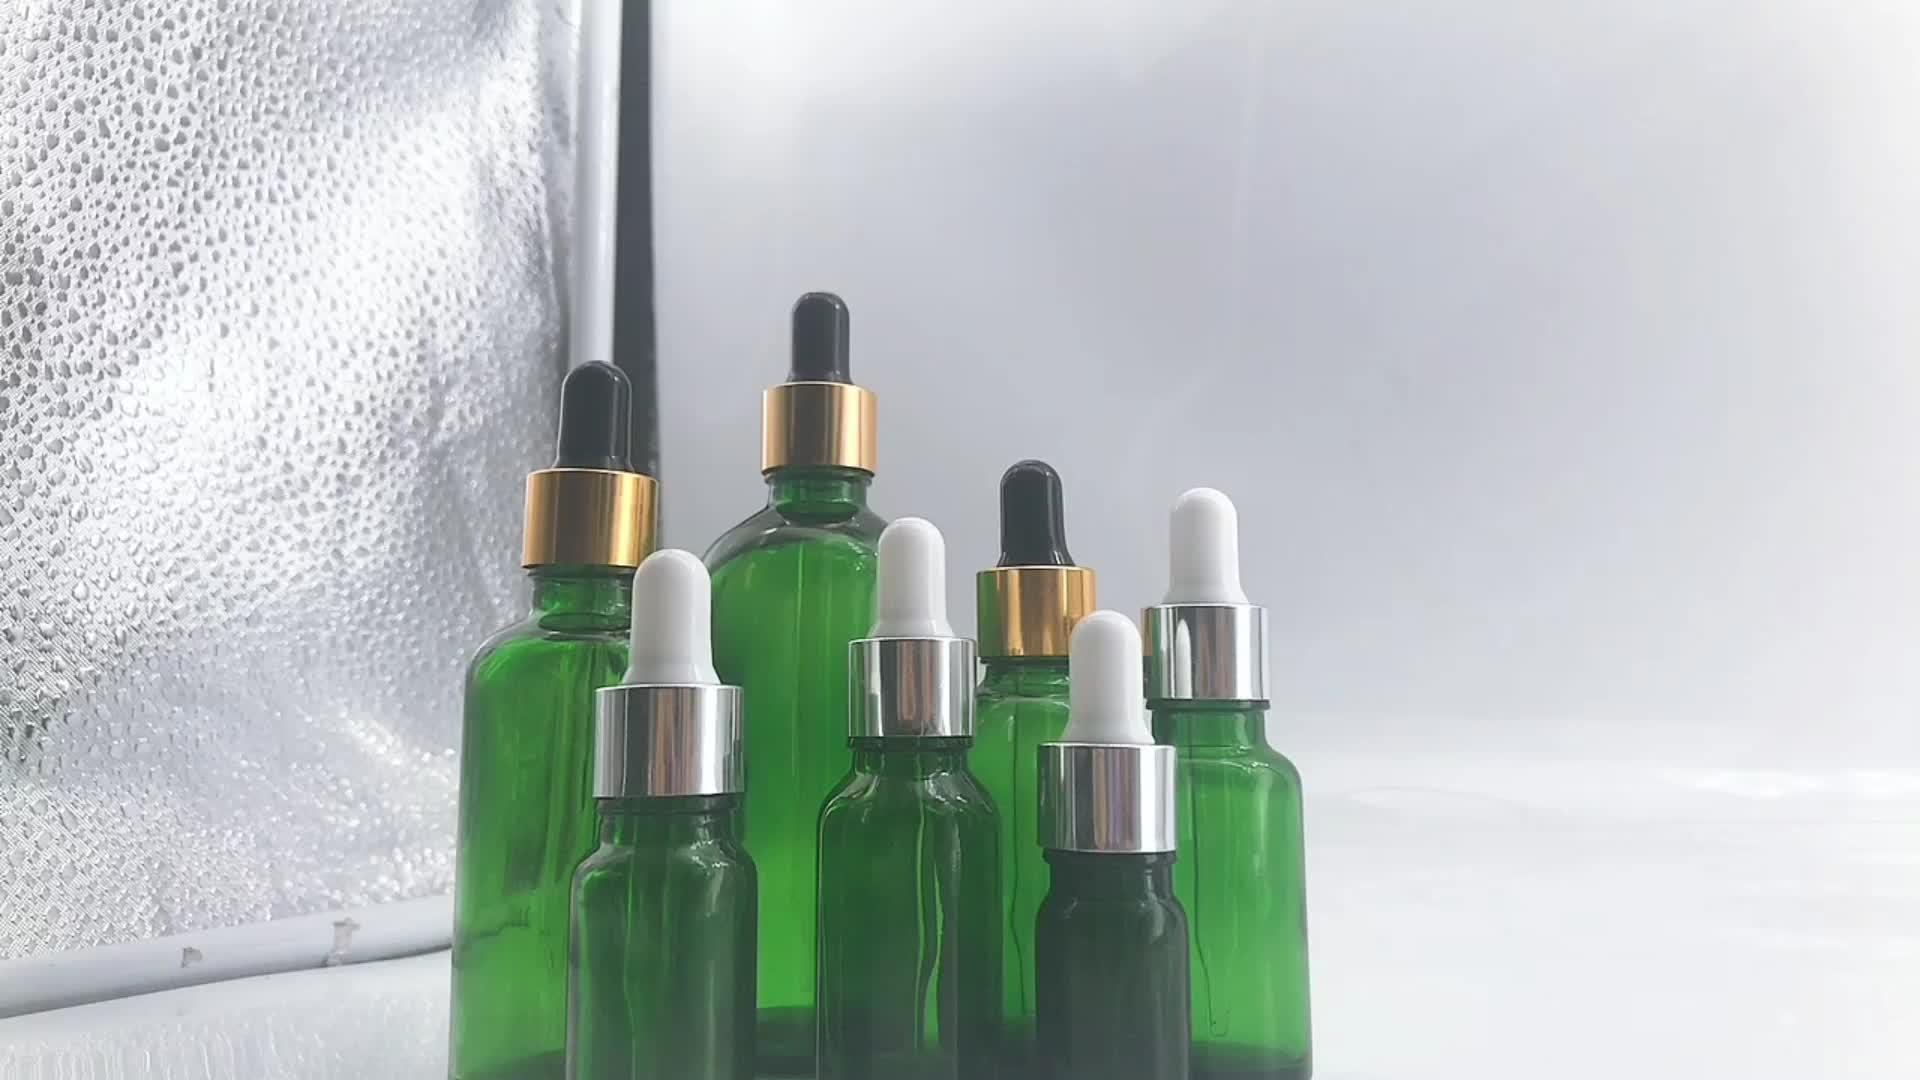 Schnelle Verschiffen Leere Glas Flasche 10ml Grün Blau Klar Gefrostet Ätherisches Öl Flasche Parfüm Öl Dropper Flasche mit Pipetten